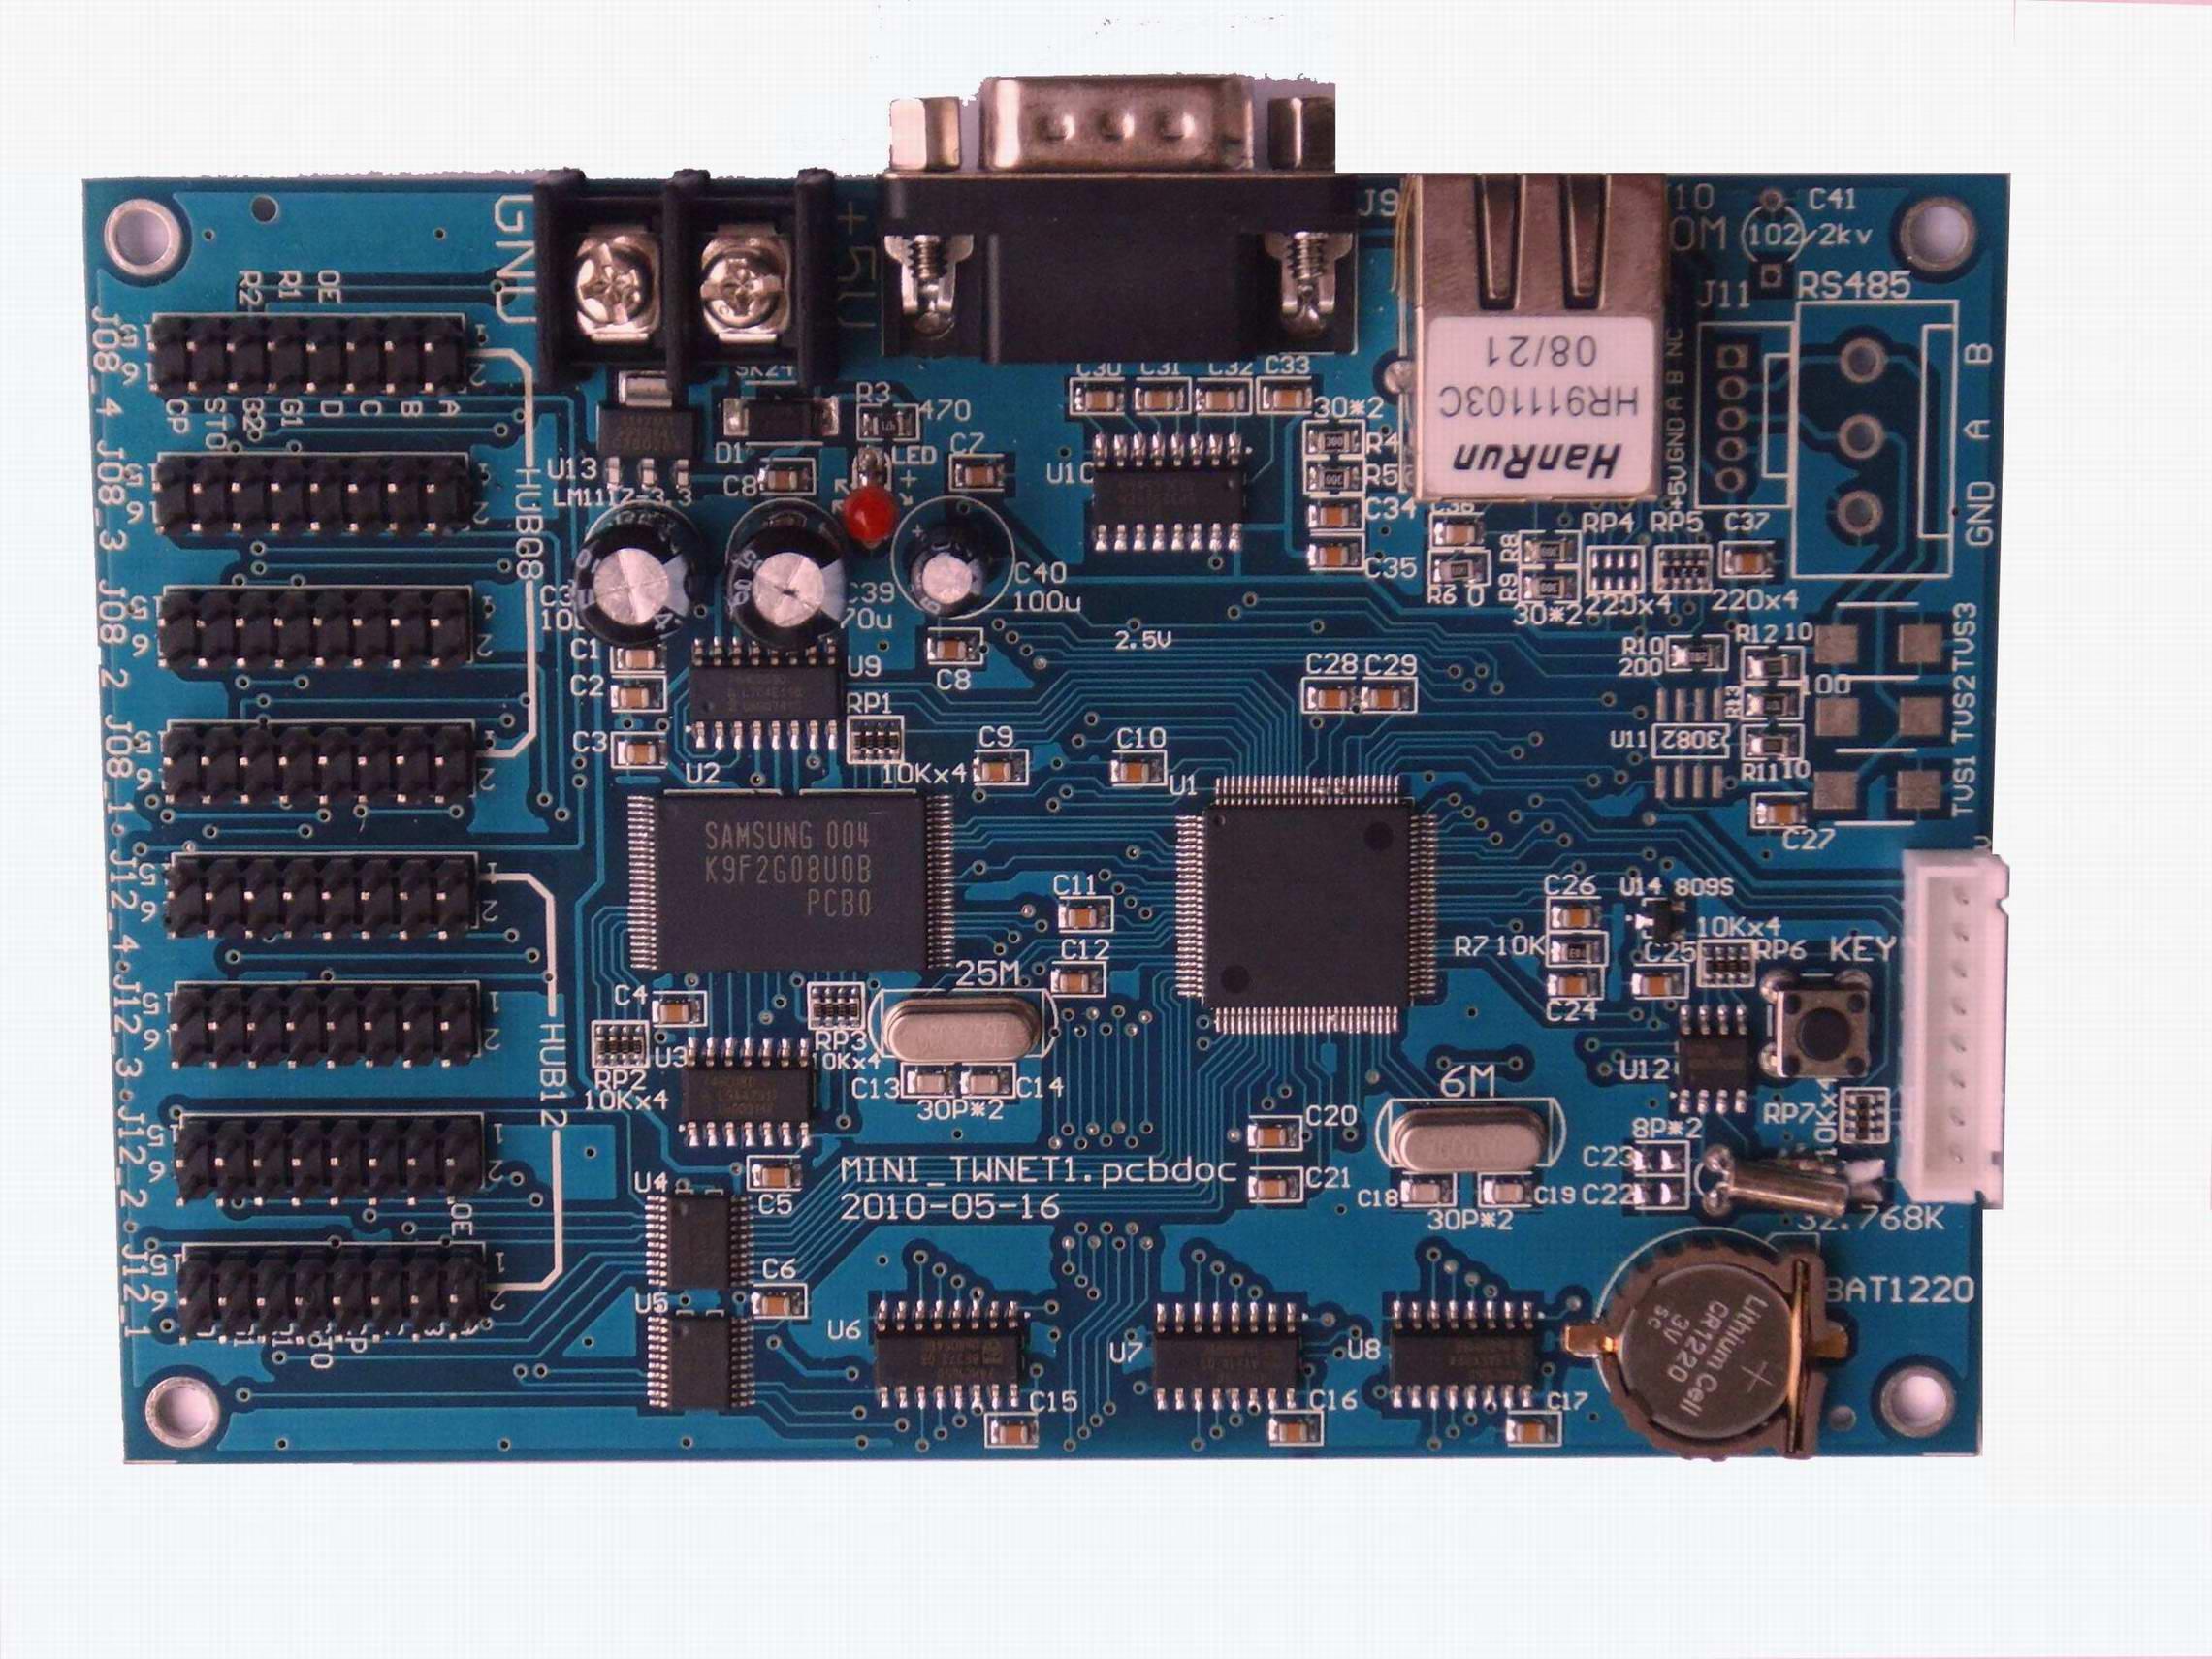 Pode Ser Ligado ao PLC Software De Gestão Da Produção na Fábrica, Oficina de Kanban Kanban Eletrônico Porta de Rede Cartão De Controle De LED.